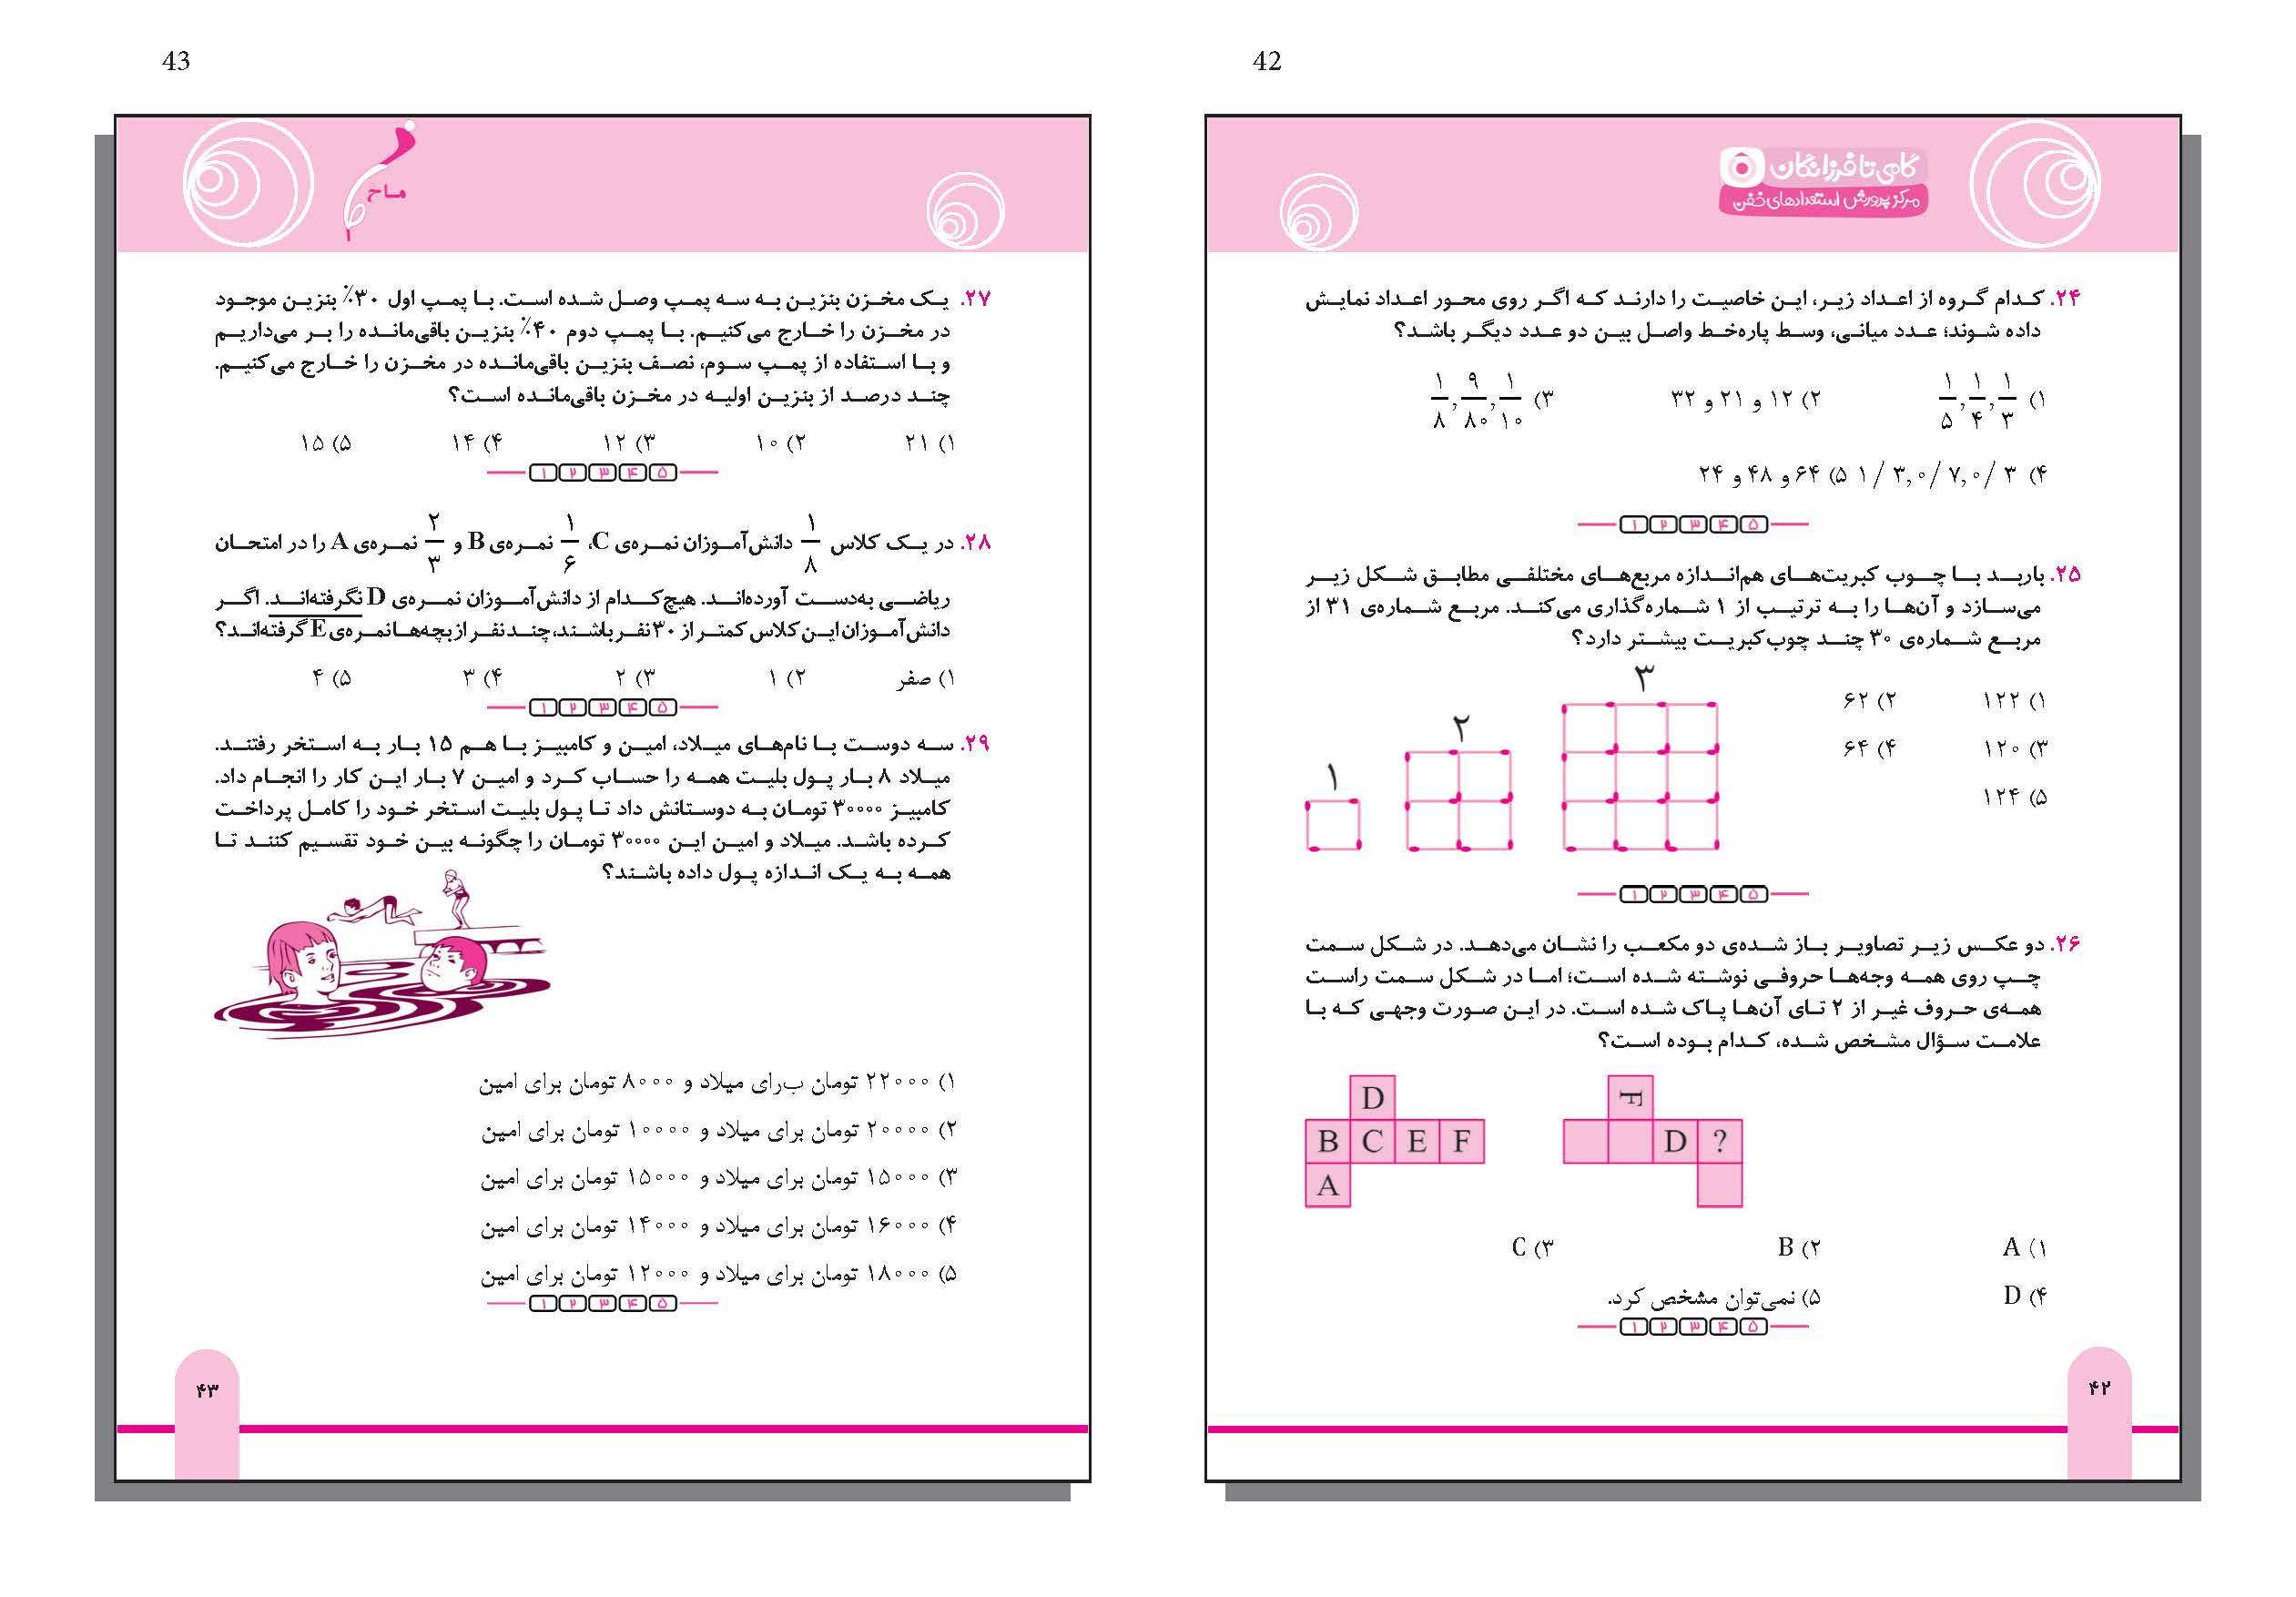 نمونه صفحه آرایی کتاب رقعی ریاضی در محیط این دیزاین